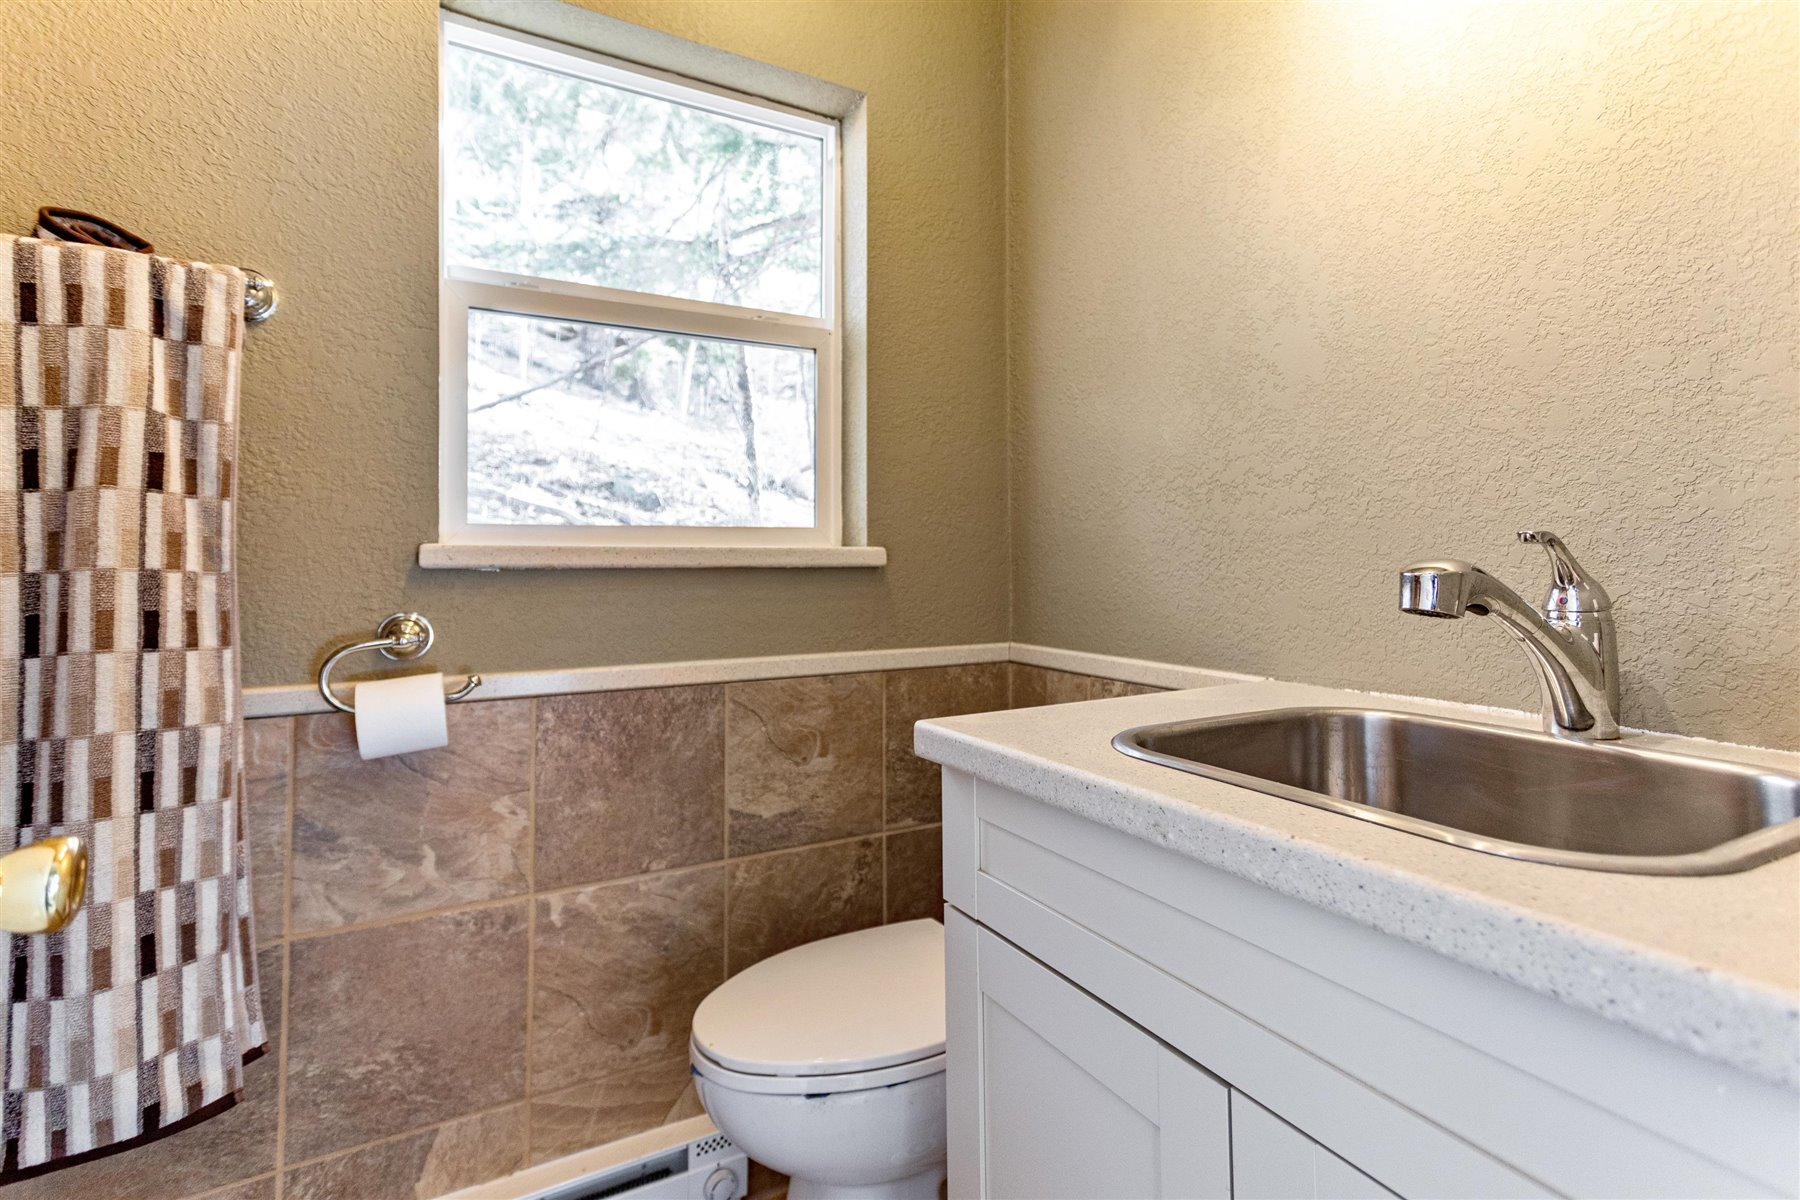 Nonconforming Bathroom